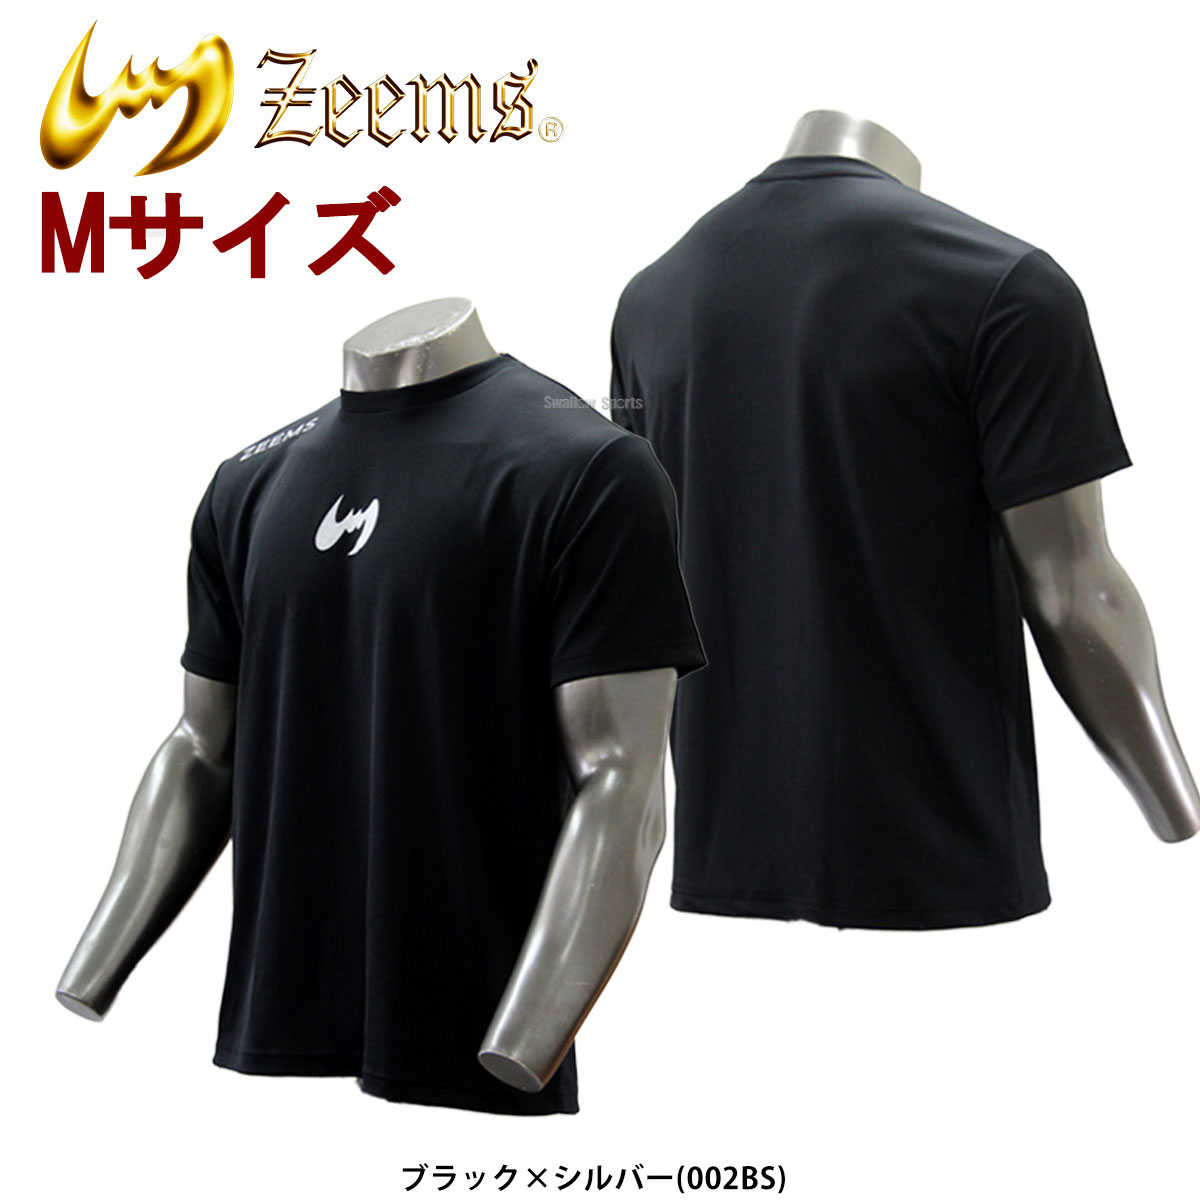 ジームス 限定 ベースボール Tシャツ アンダーシャツ ZW17 夏 練習着 運動 トレーニング 野球用品 スワロースポーツ